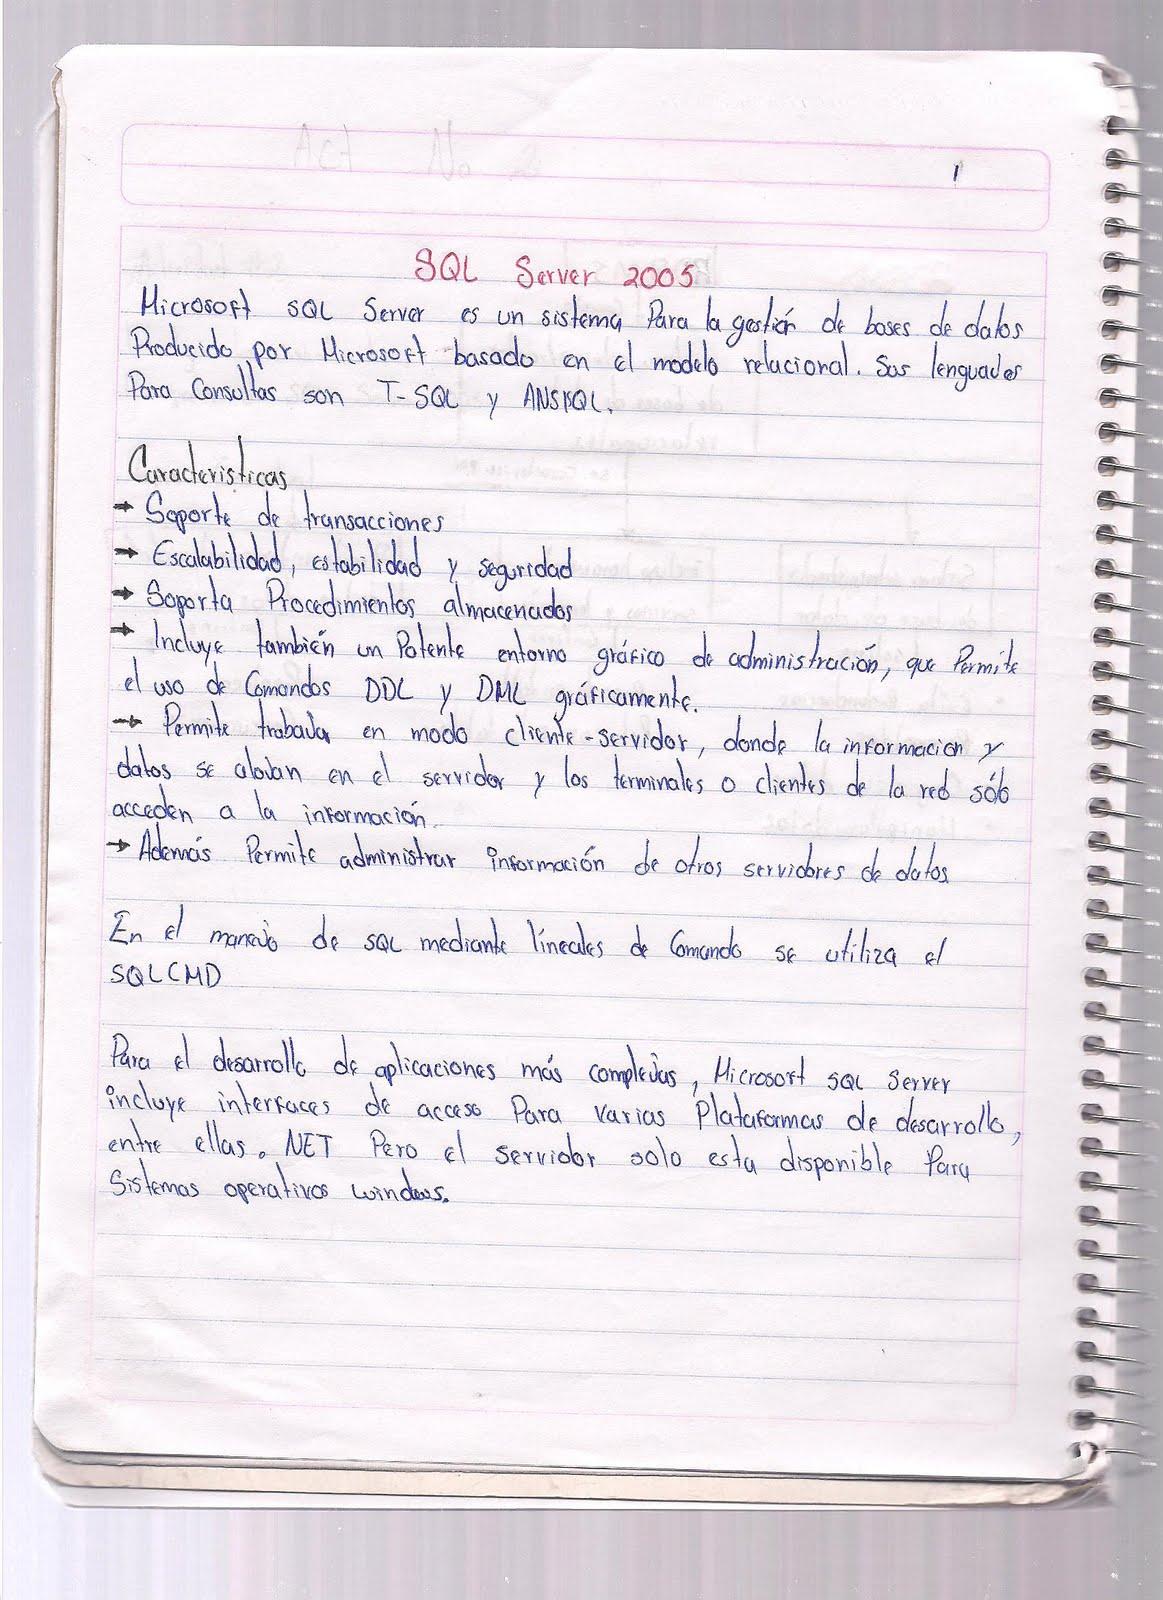 Ms sql server 2005 resume